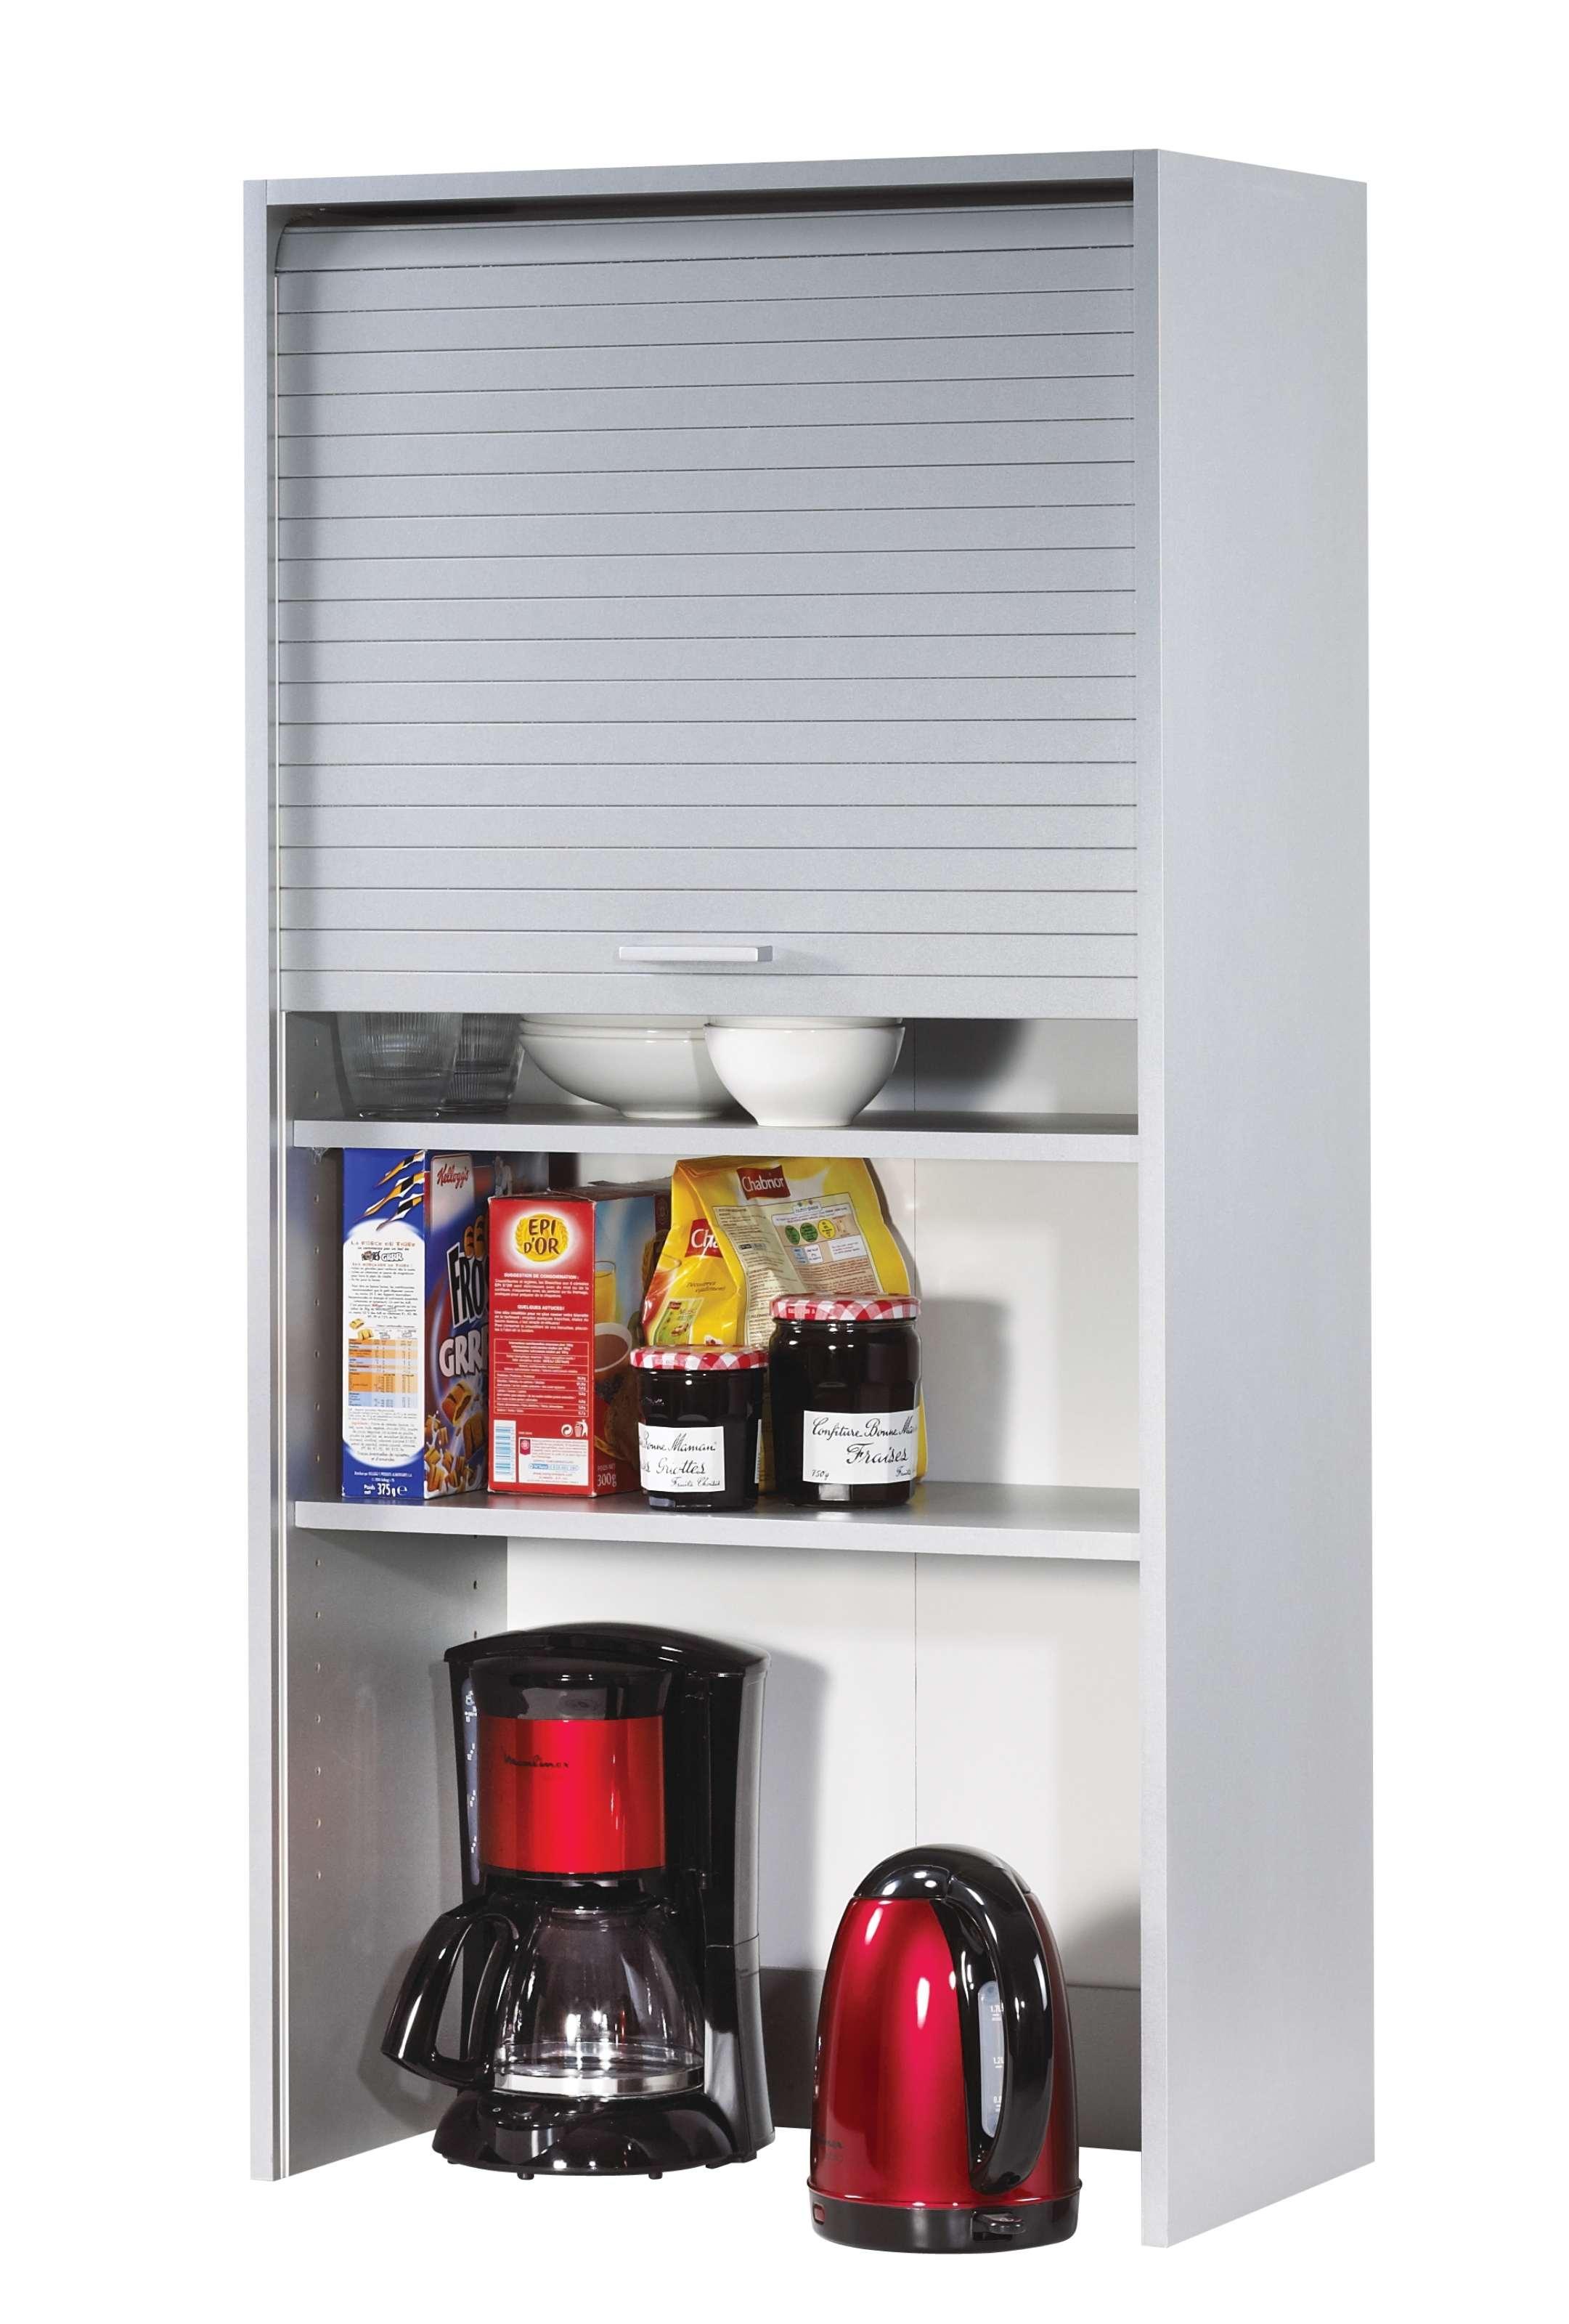 Rangement de cuisine aluminium avec rideau déroulant Largeur 11cm